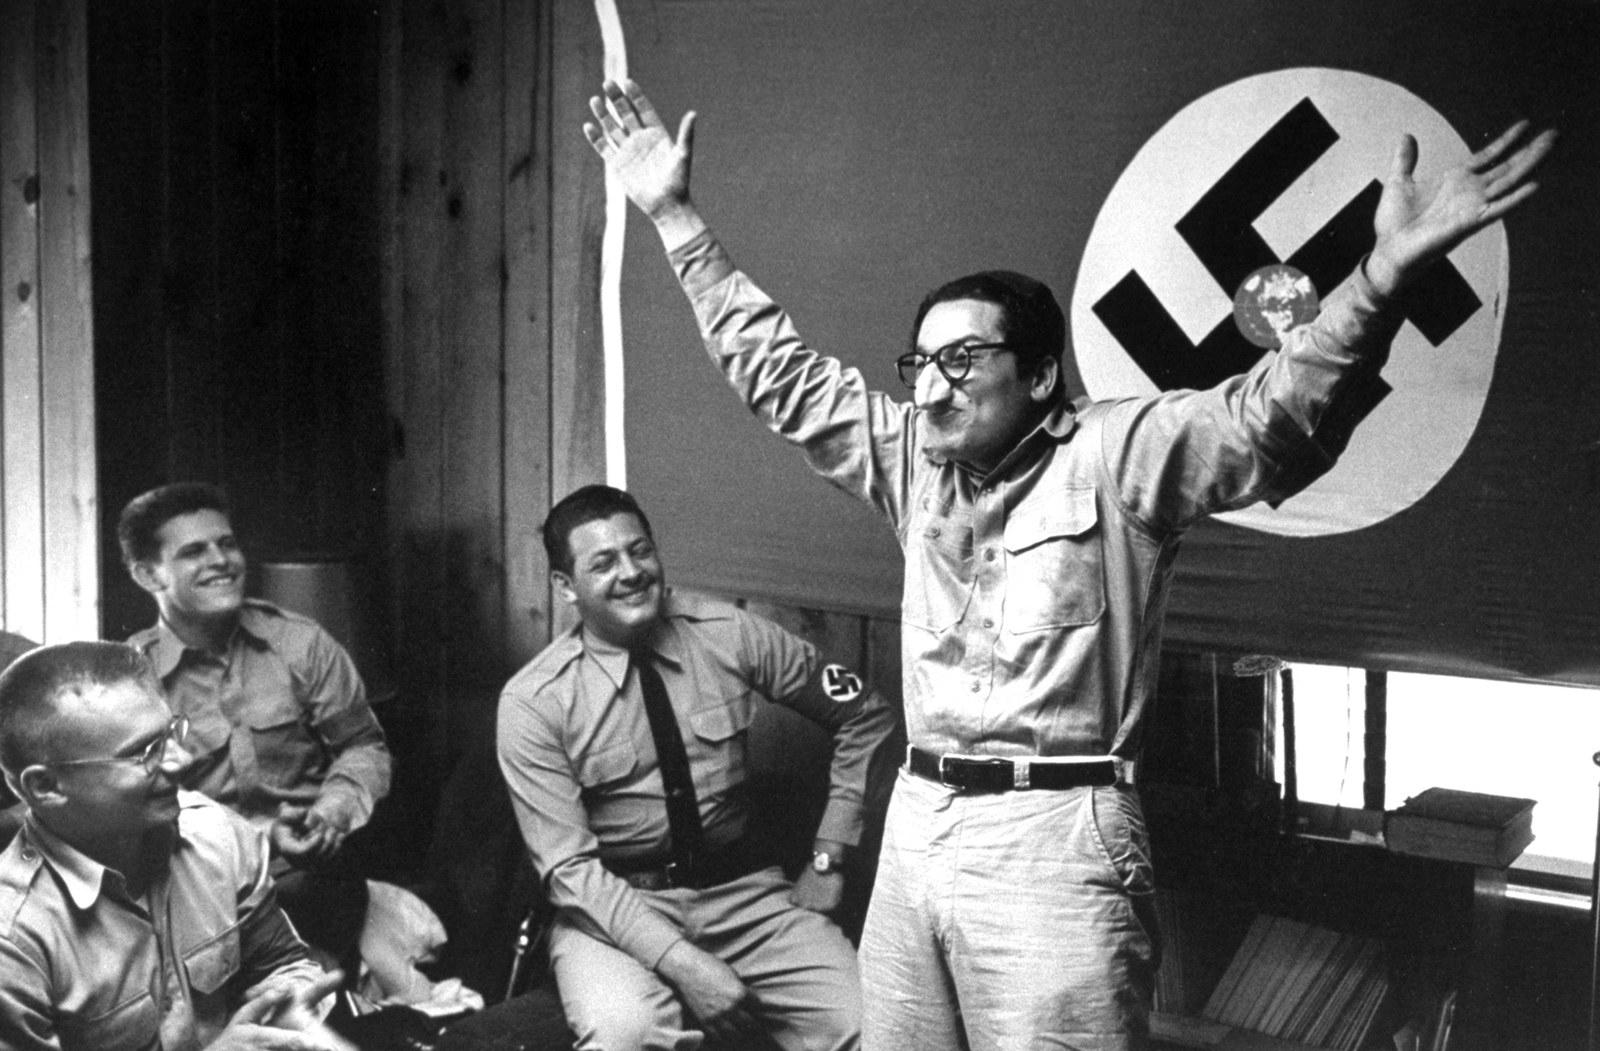 あなたの知らない、アメリカのナチス。写真は語る